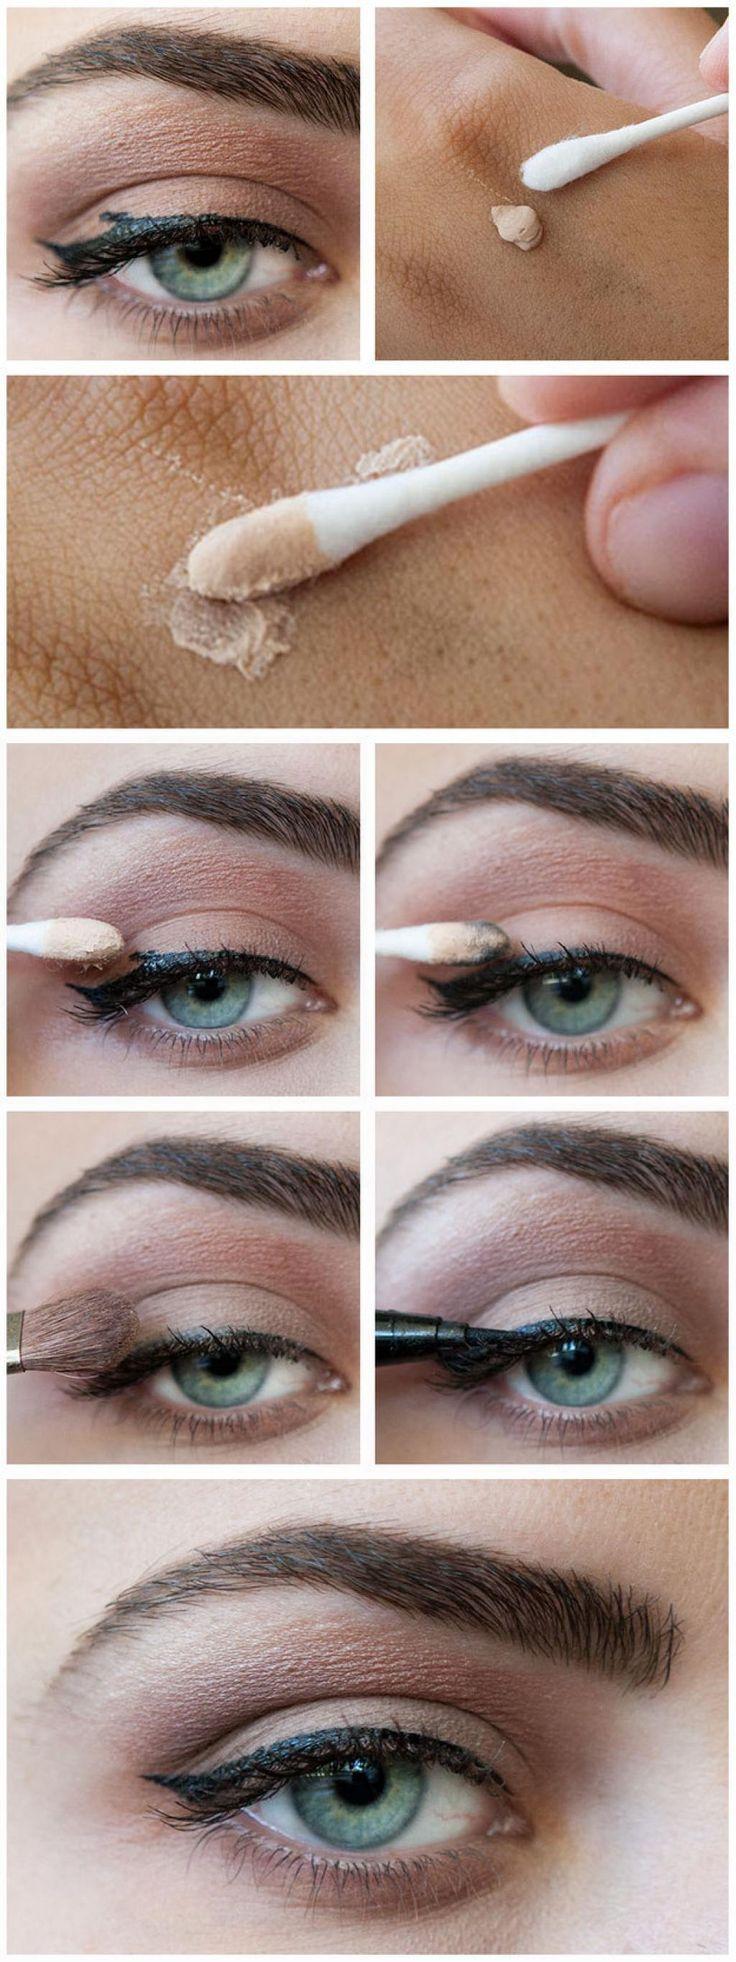 Il faut beaucoup de pratique afin d'être de véritable experte afin de faire de magnifiques traits d'eyeliner. En attendant la pratique, voici quelques petits trucs très utiles que j'ai trouvé pour vous, afin de vous simplifier la vie un peu. 1- Il fa